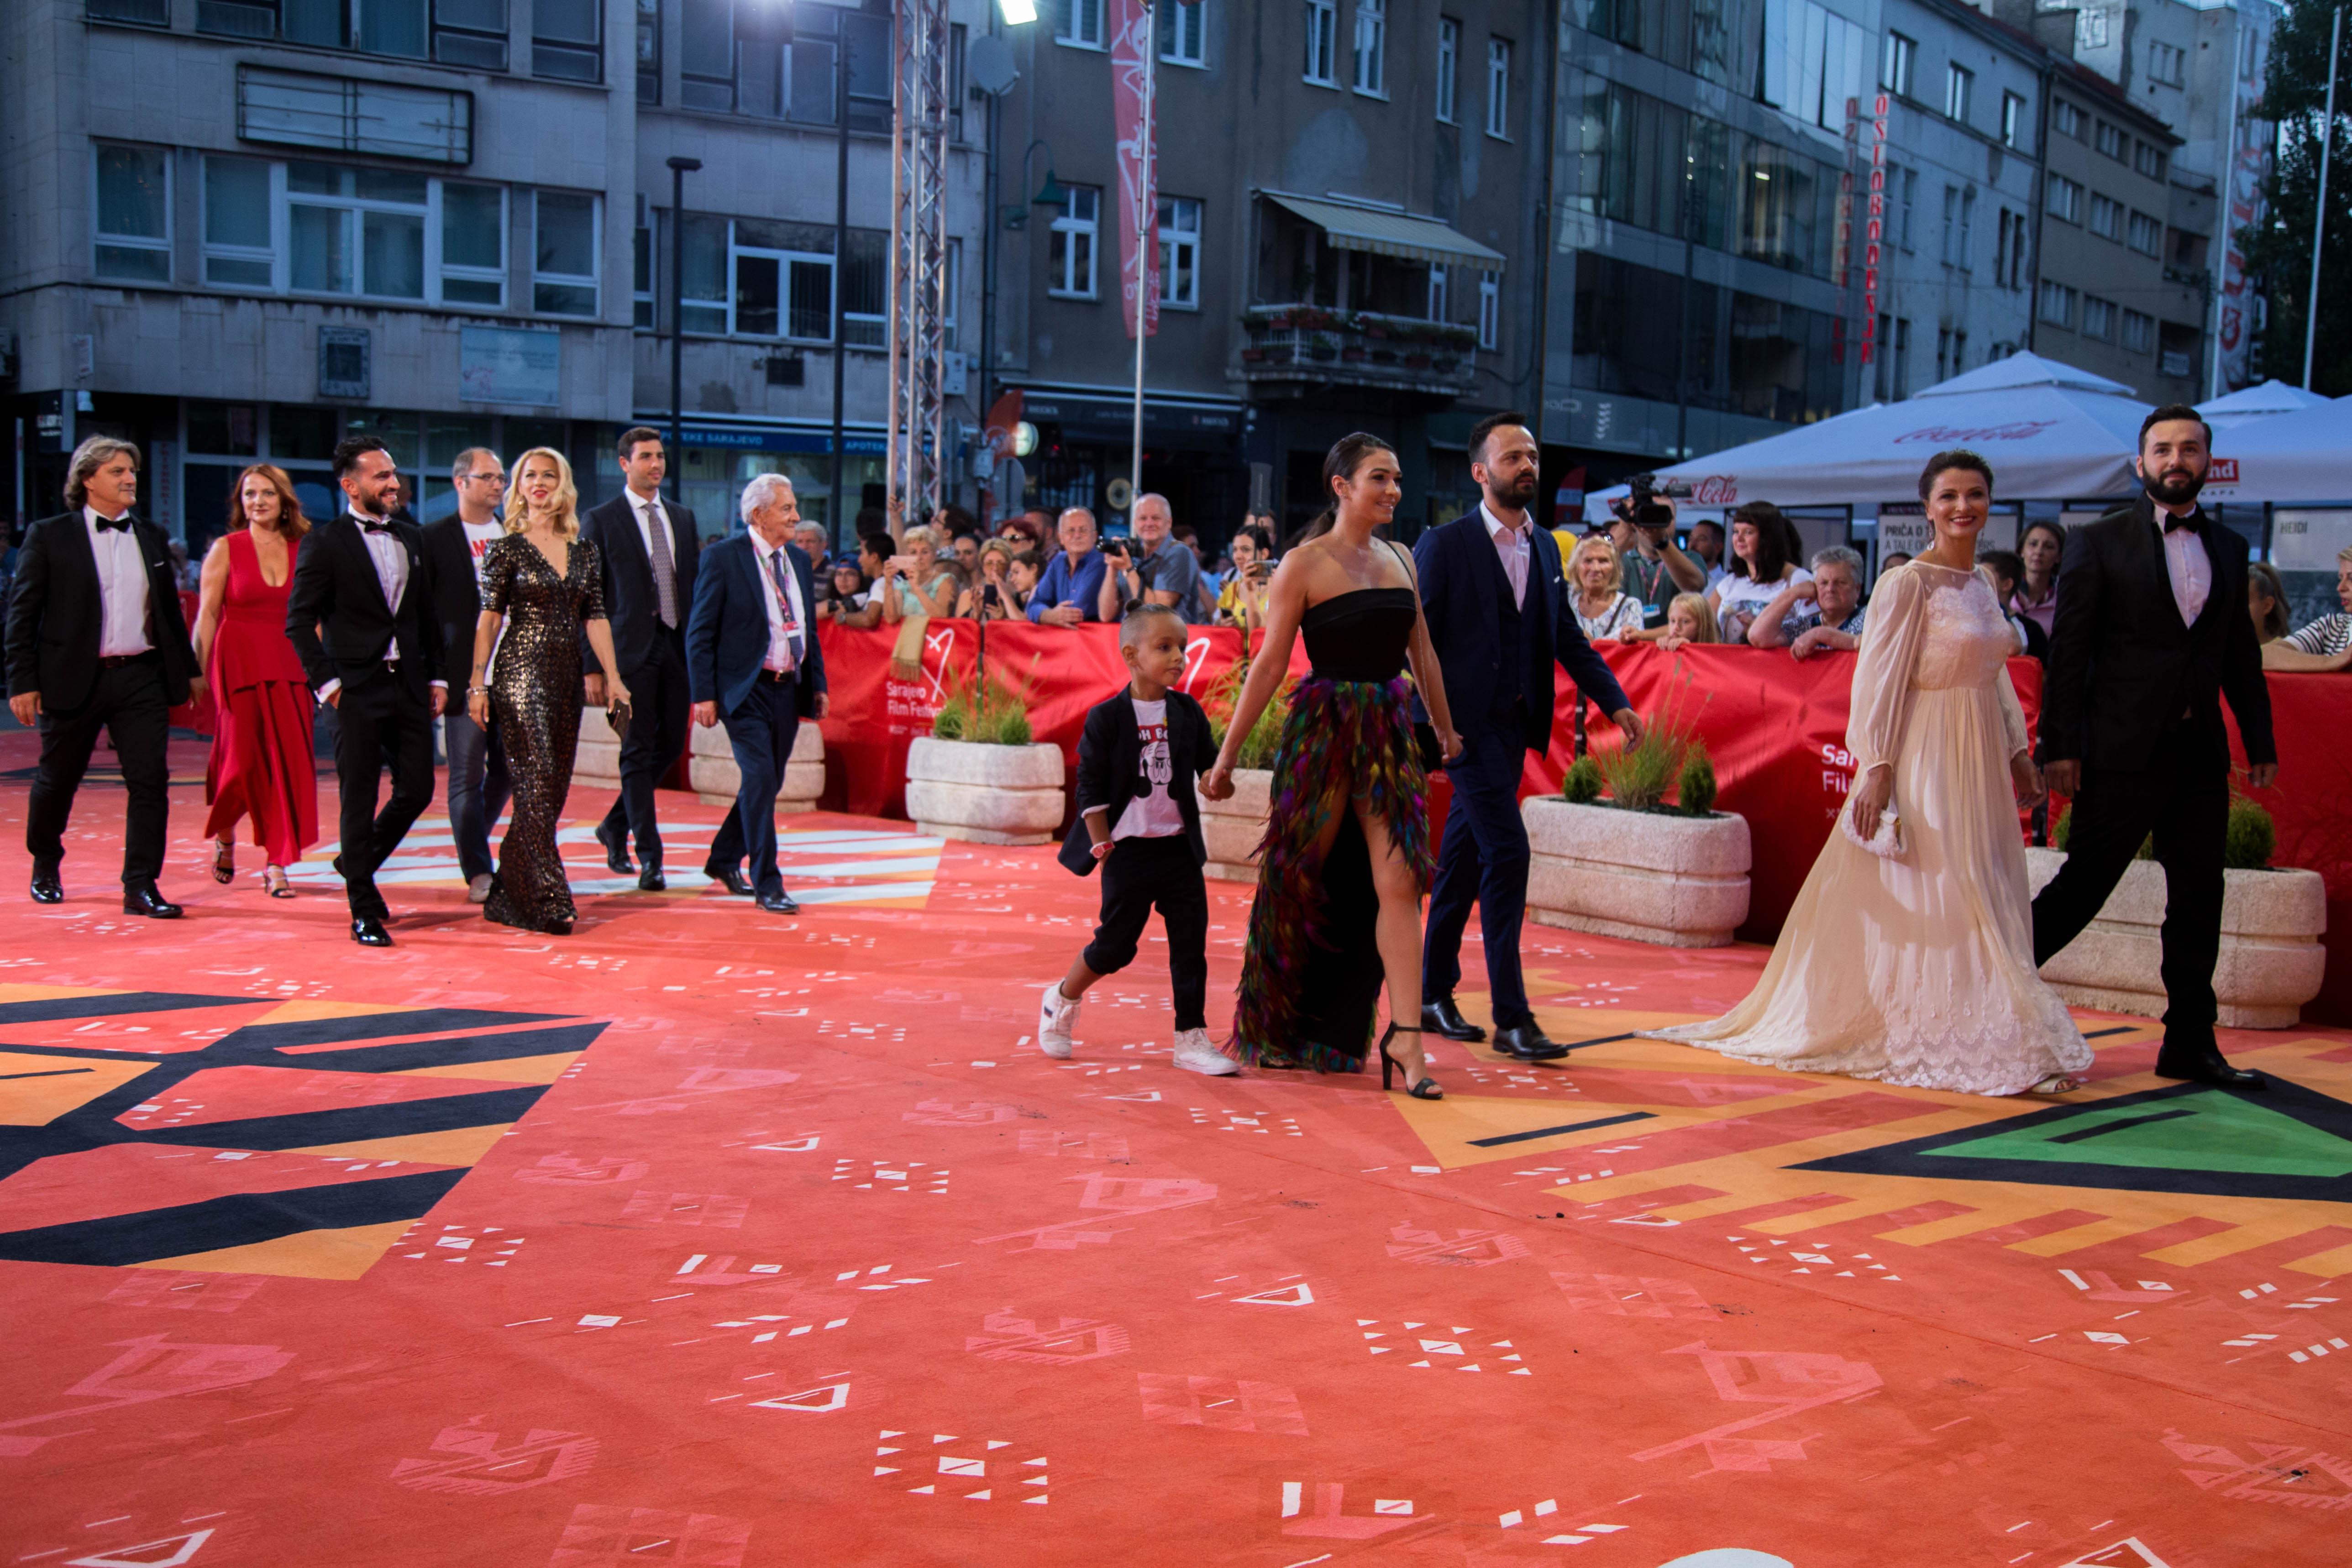 cetvrta noc sarajevo film festival senka catic (25)